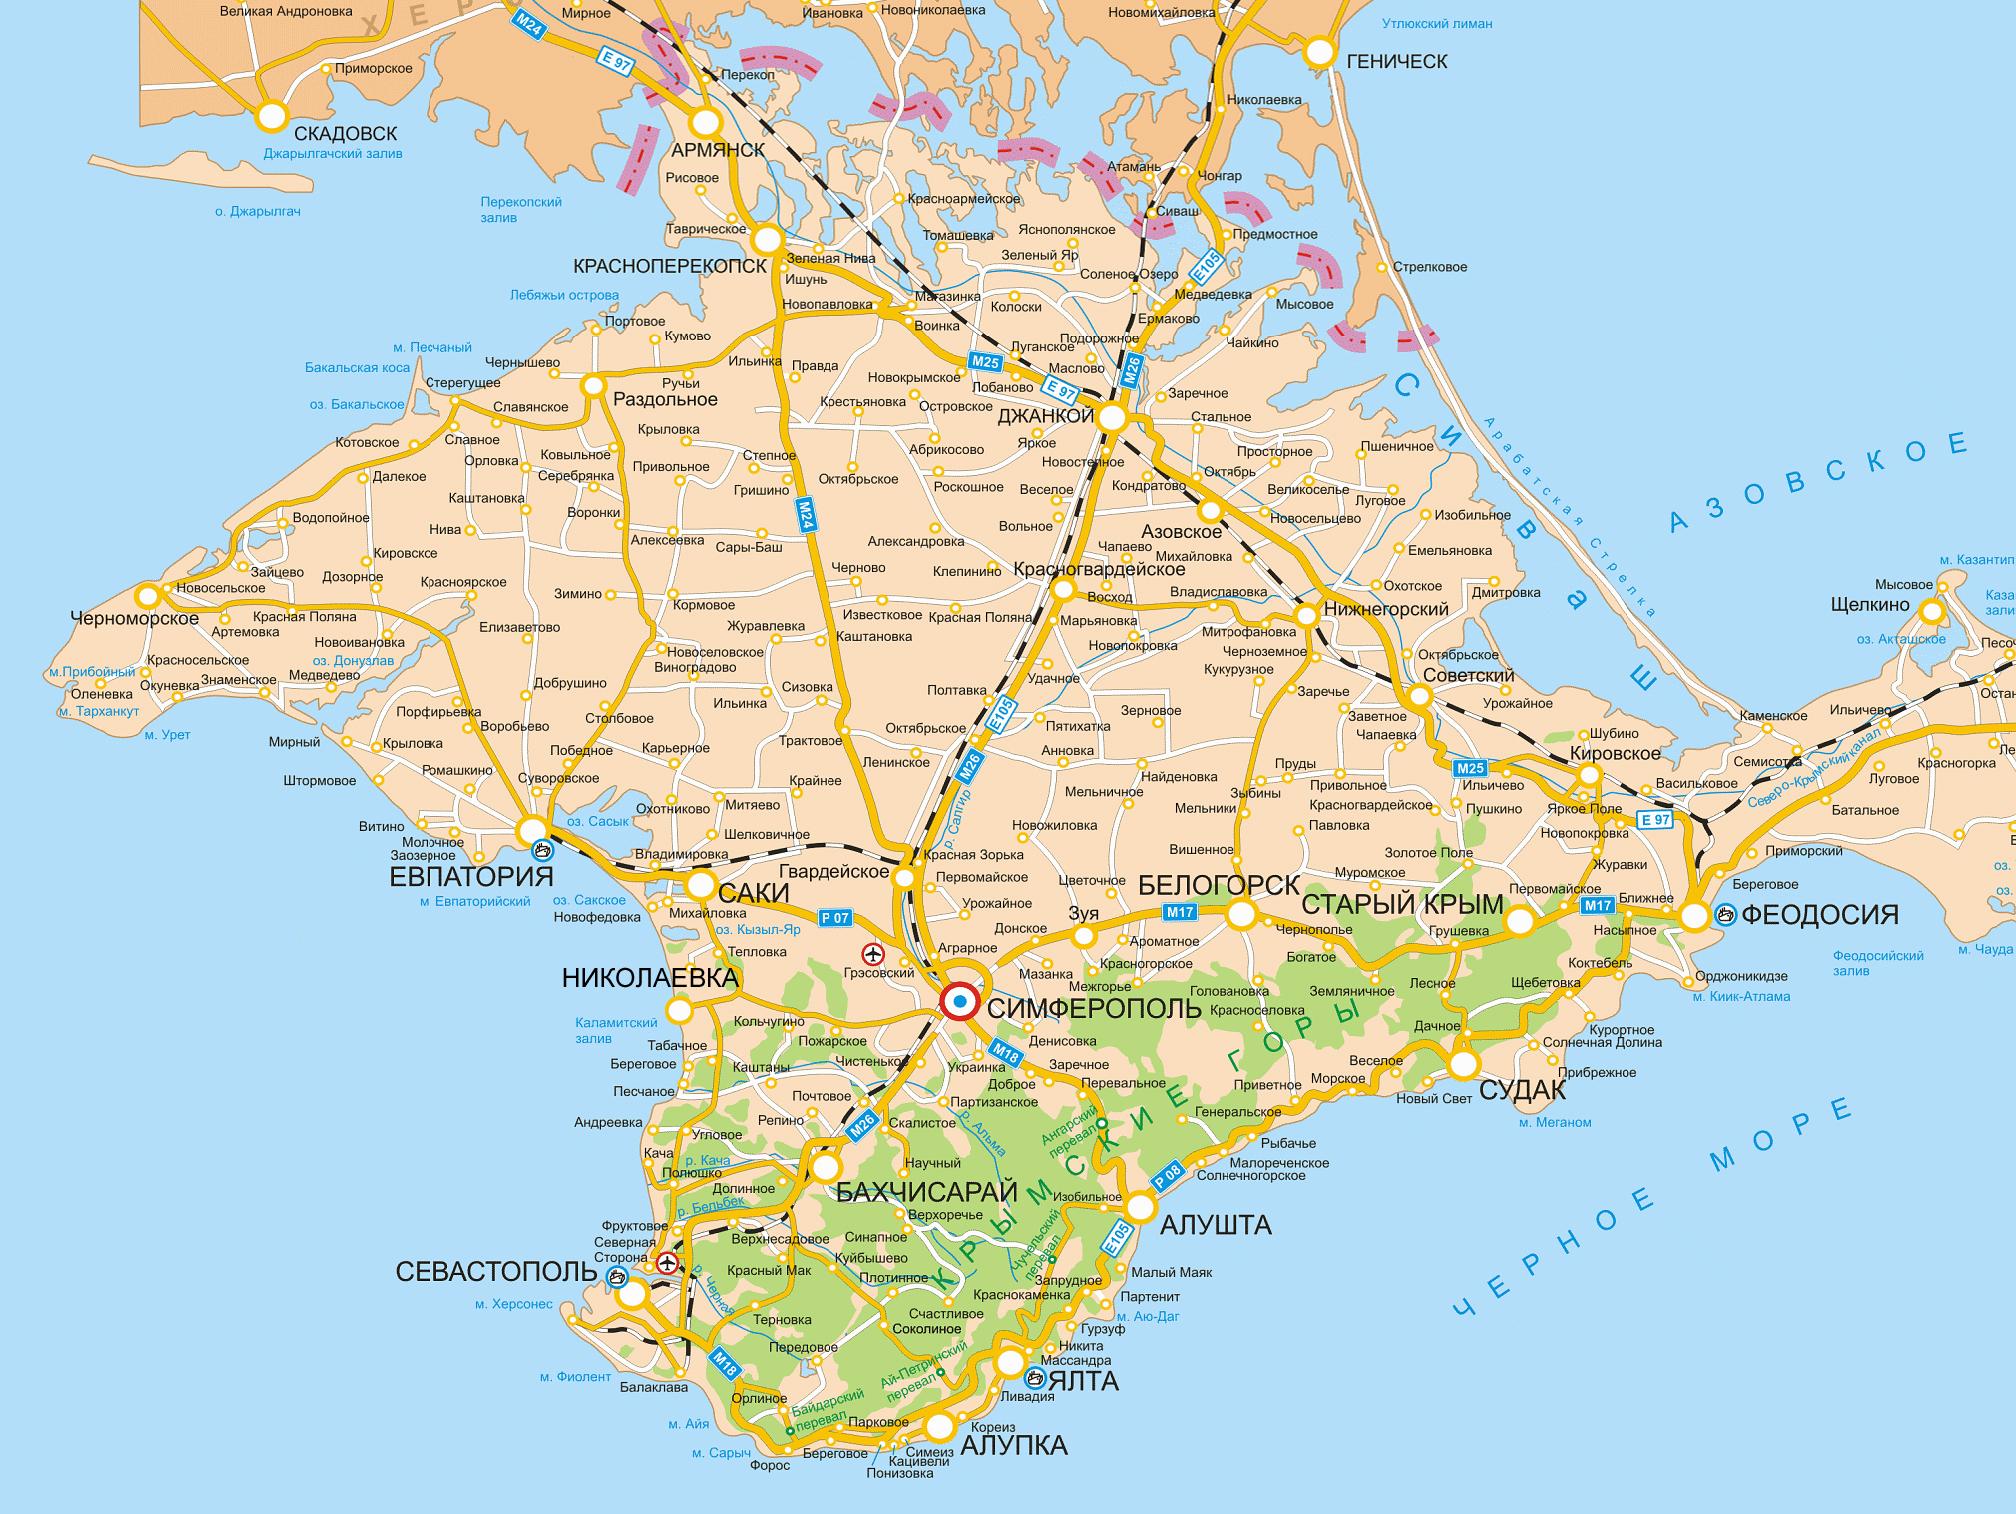 Карта Крыма с городами и поселками в прибрежной зоне